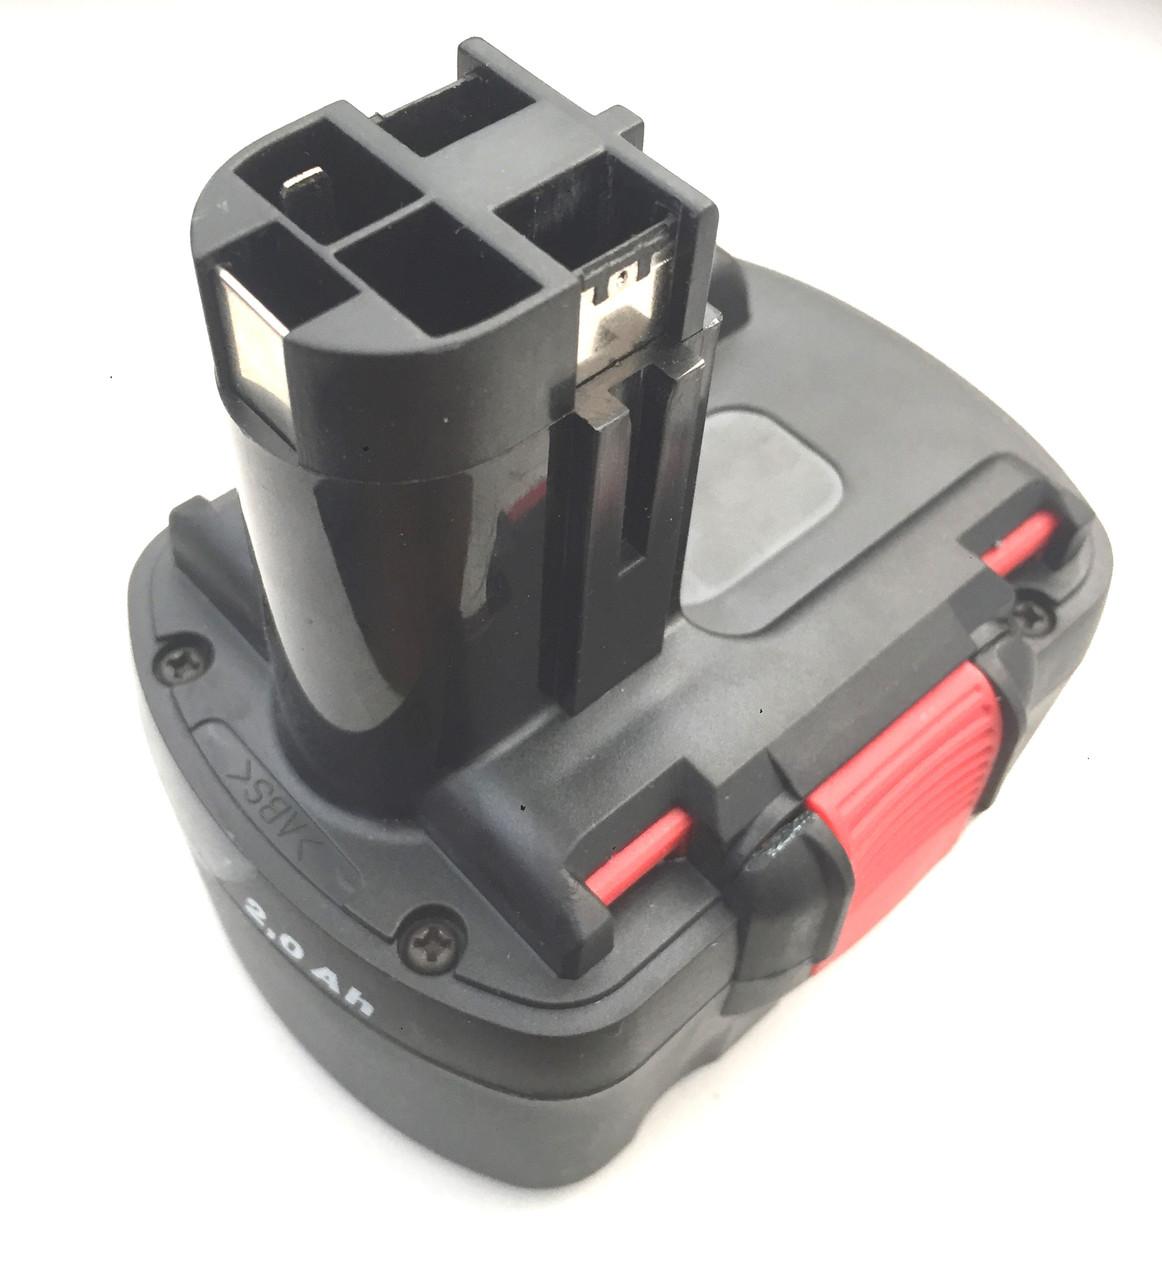 Акумулятор шуруповерта Bosch Ni-Cd 12V 2,0 Ah